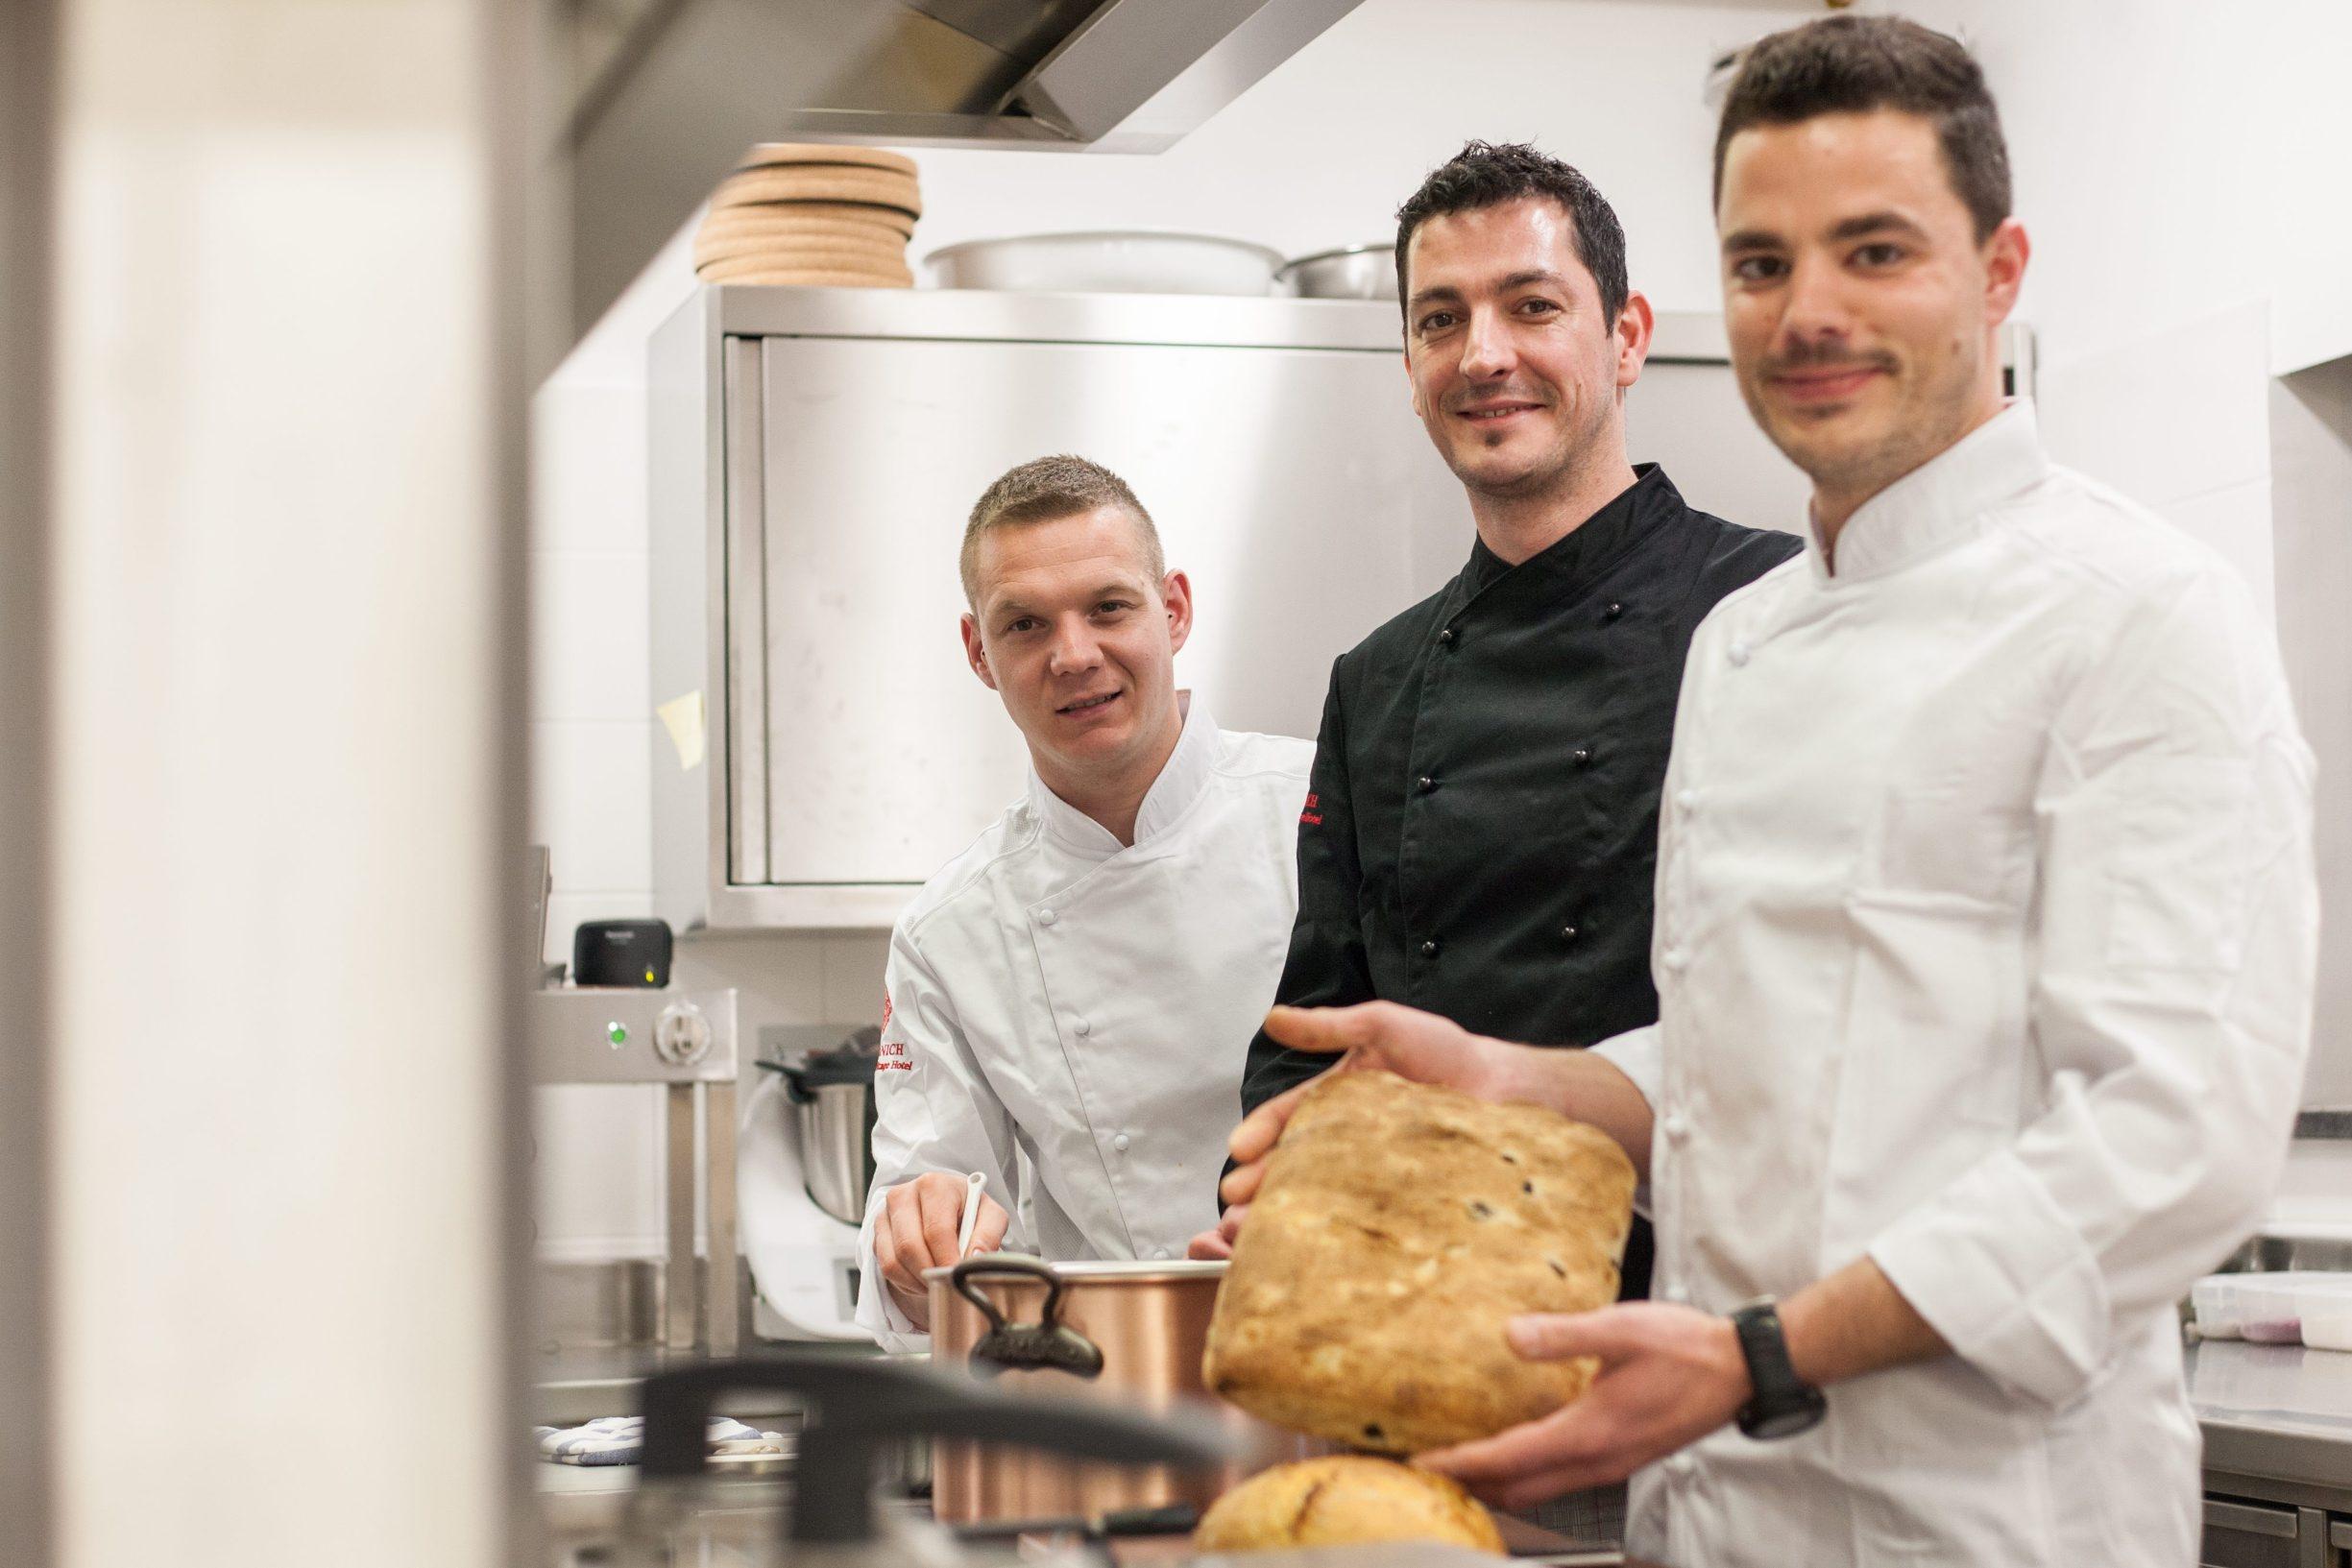 Motovun, 130219. Vinarija i hotel Roxanich. Na fotografiji: mladi kuharski trio novootvorenog hotela. Foto: Matija Djanjesic / CROPIX